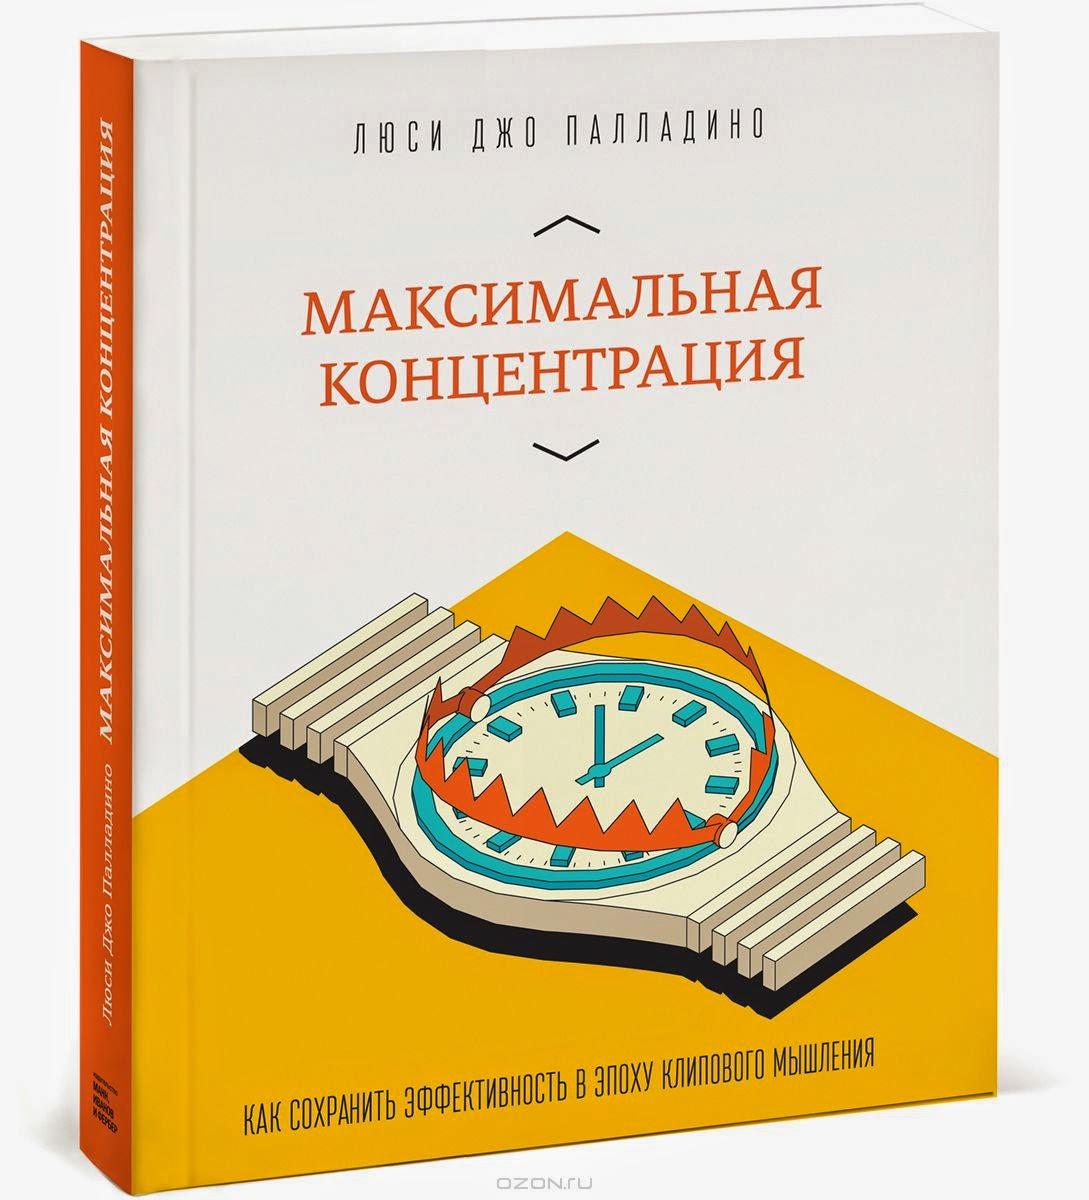 Книга Л.Палладино Максимальная концентрация - отличное руководство по развитию вниимания у детей и взрослых